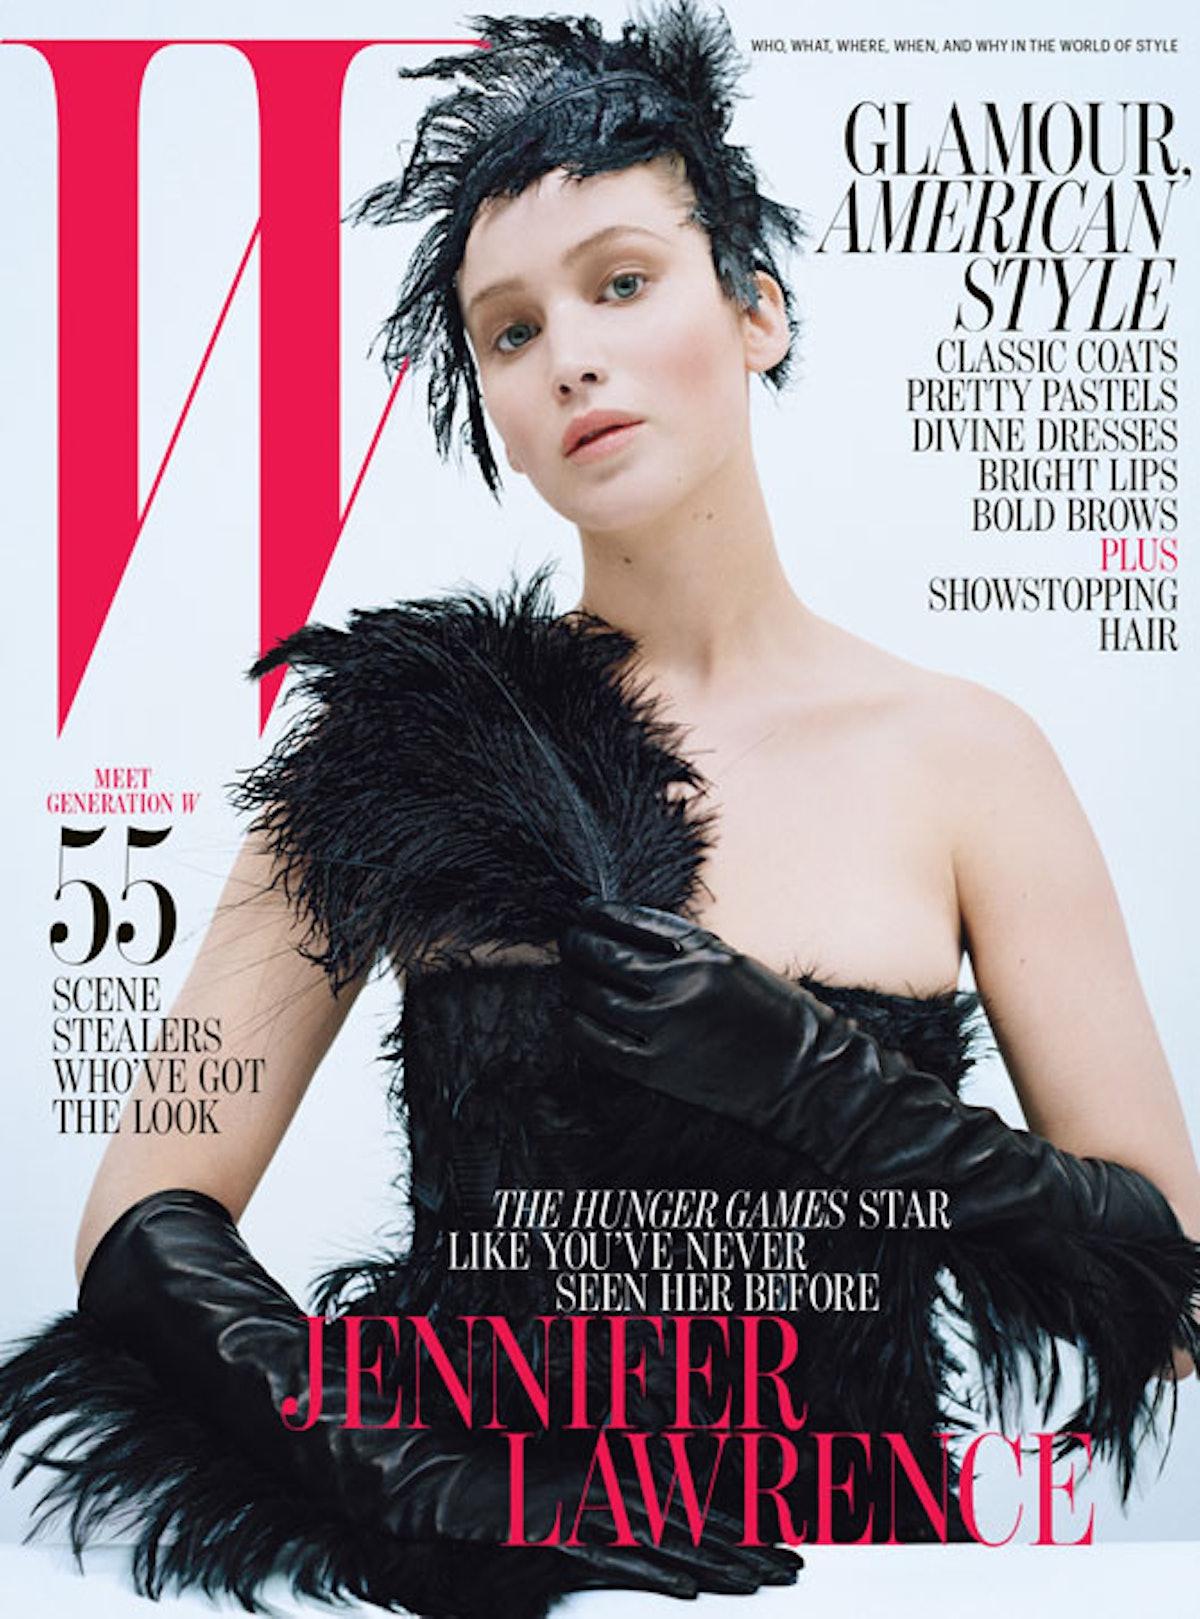 cess-jennifer-lawrence-actress-katniss-everdeen-hunger-games-cover-story-06-l.jpg